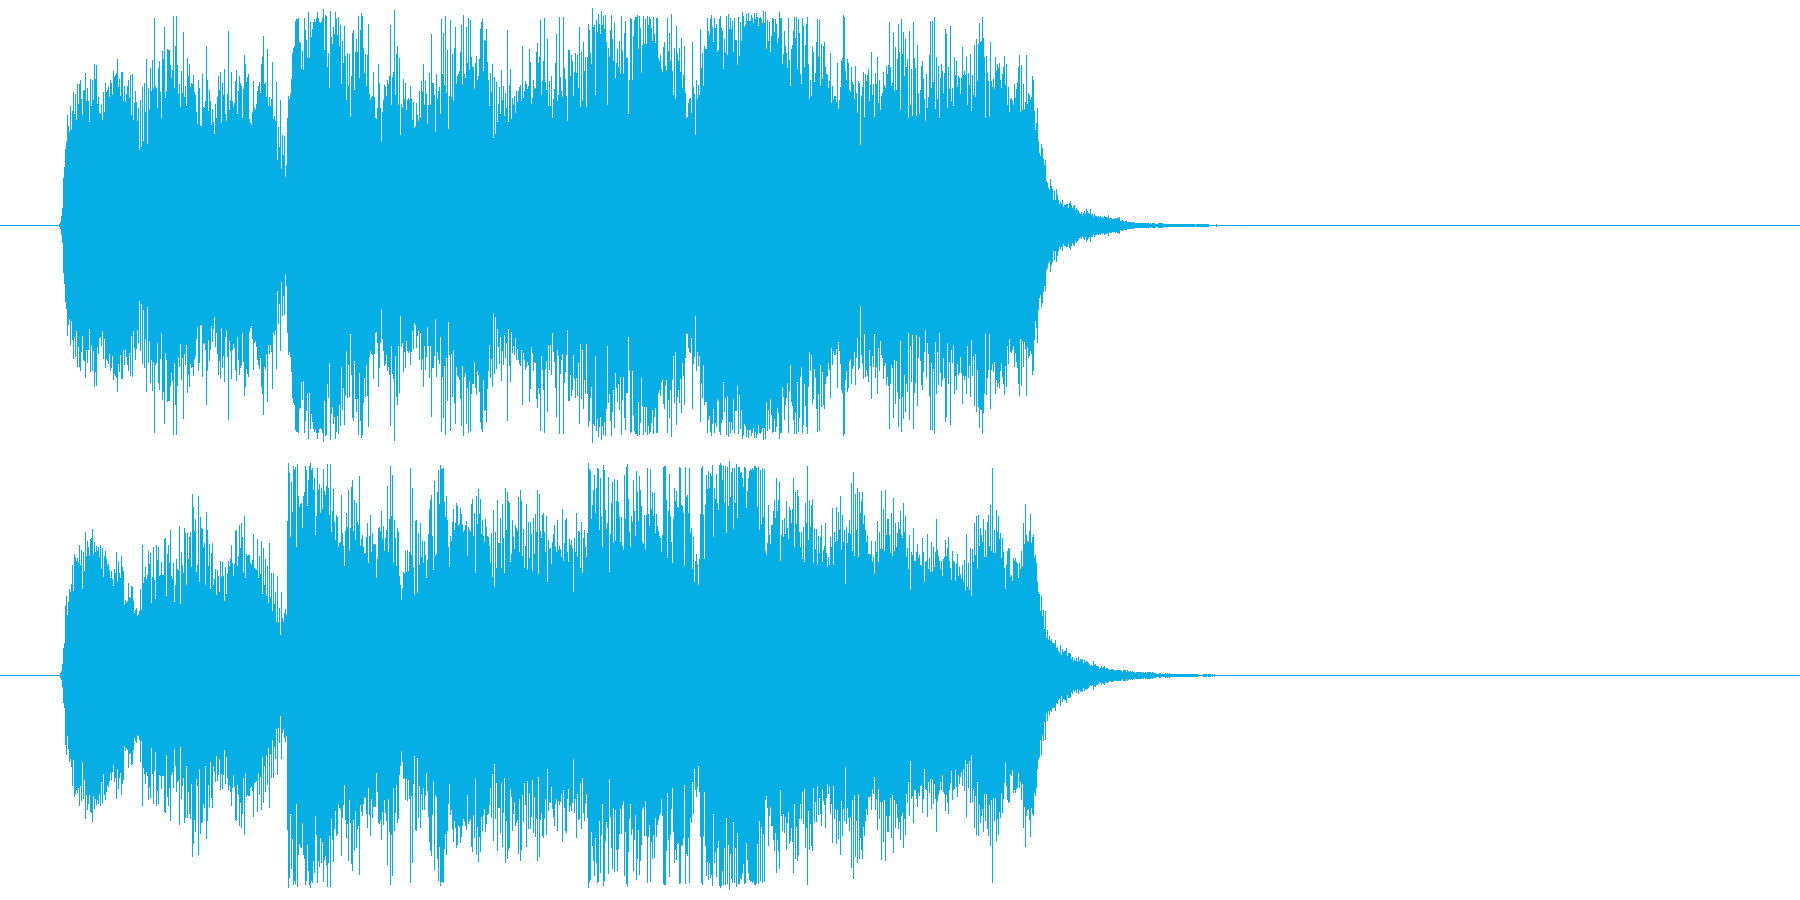 ジングル・アイキャッチ・ファンファーレ等の再生済みの波形